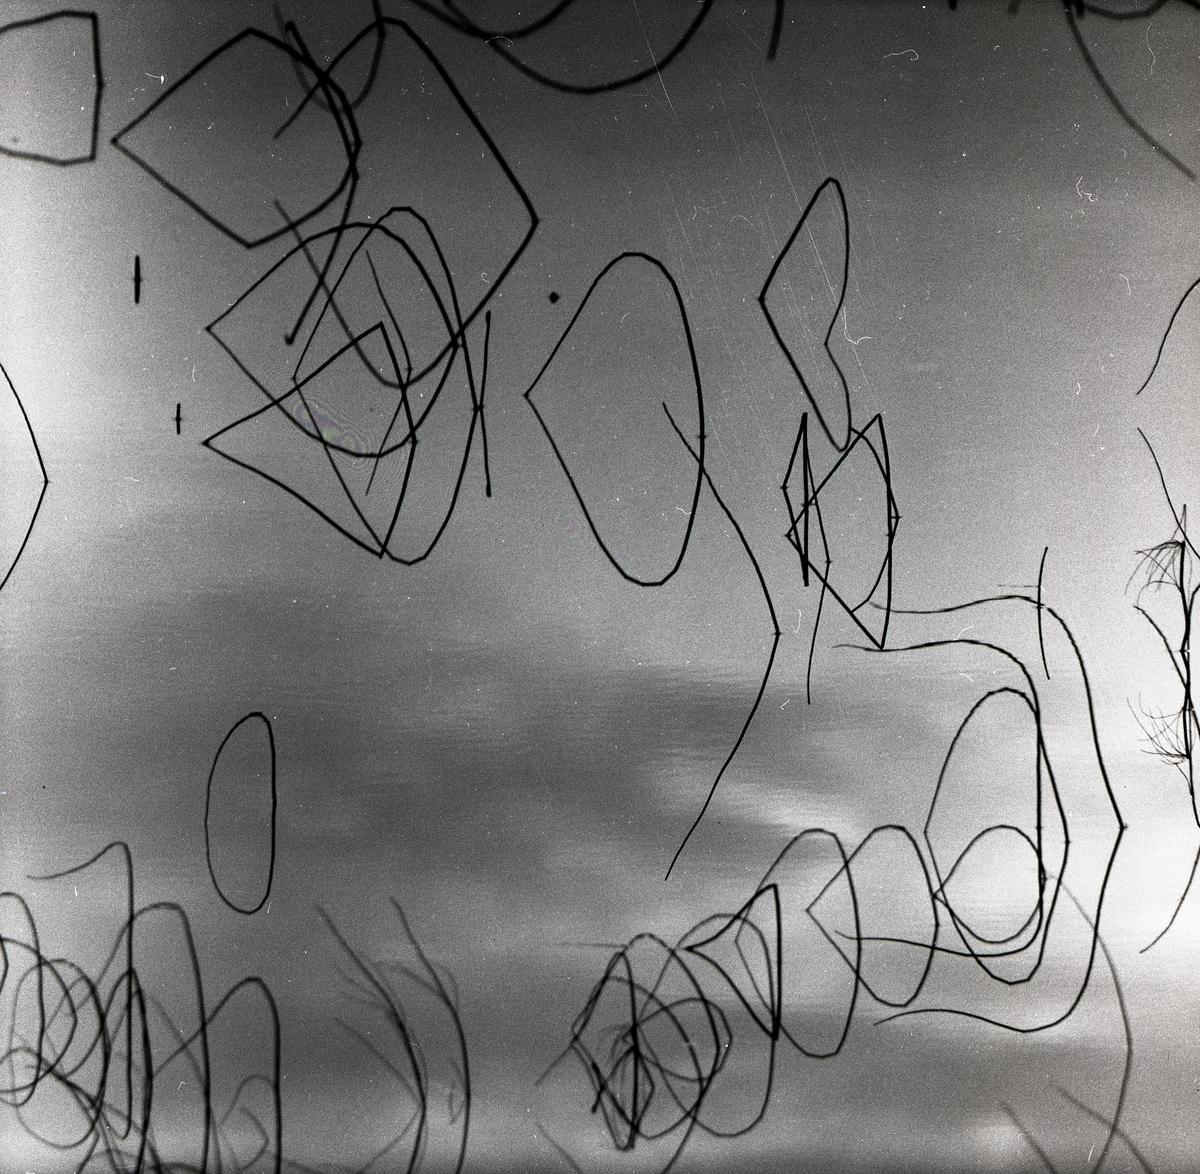 Böjda vassstrån återspeglas i isen vid Skidtjärn den 20 oktober 1957.